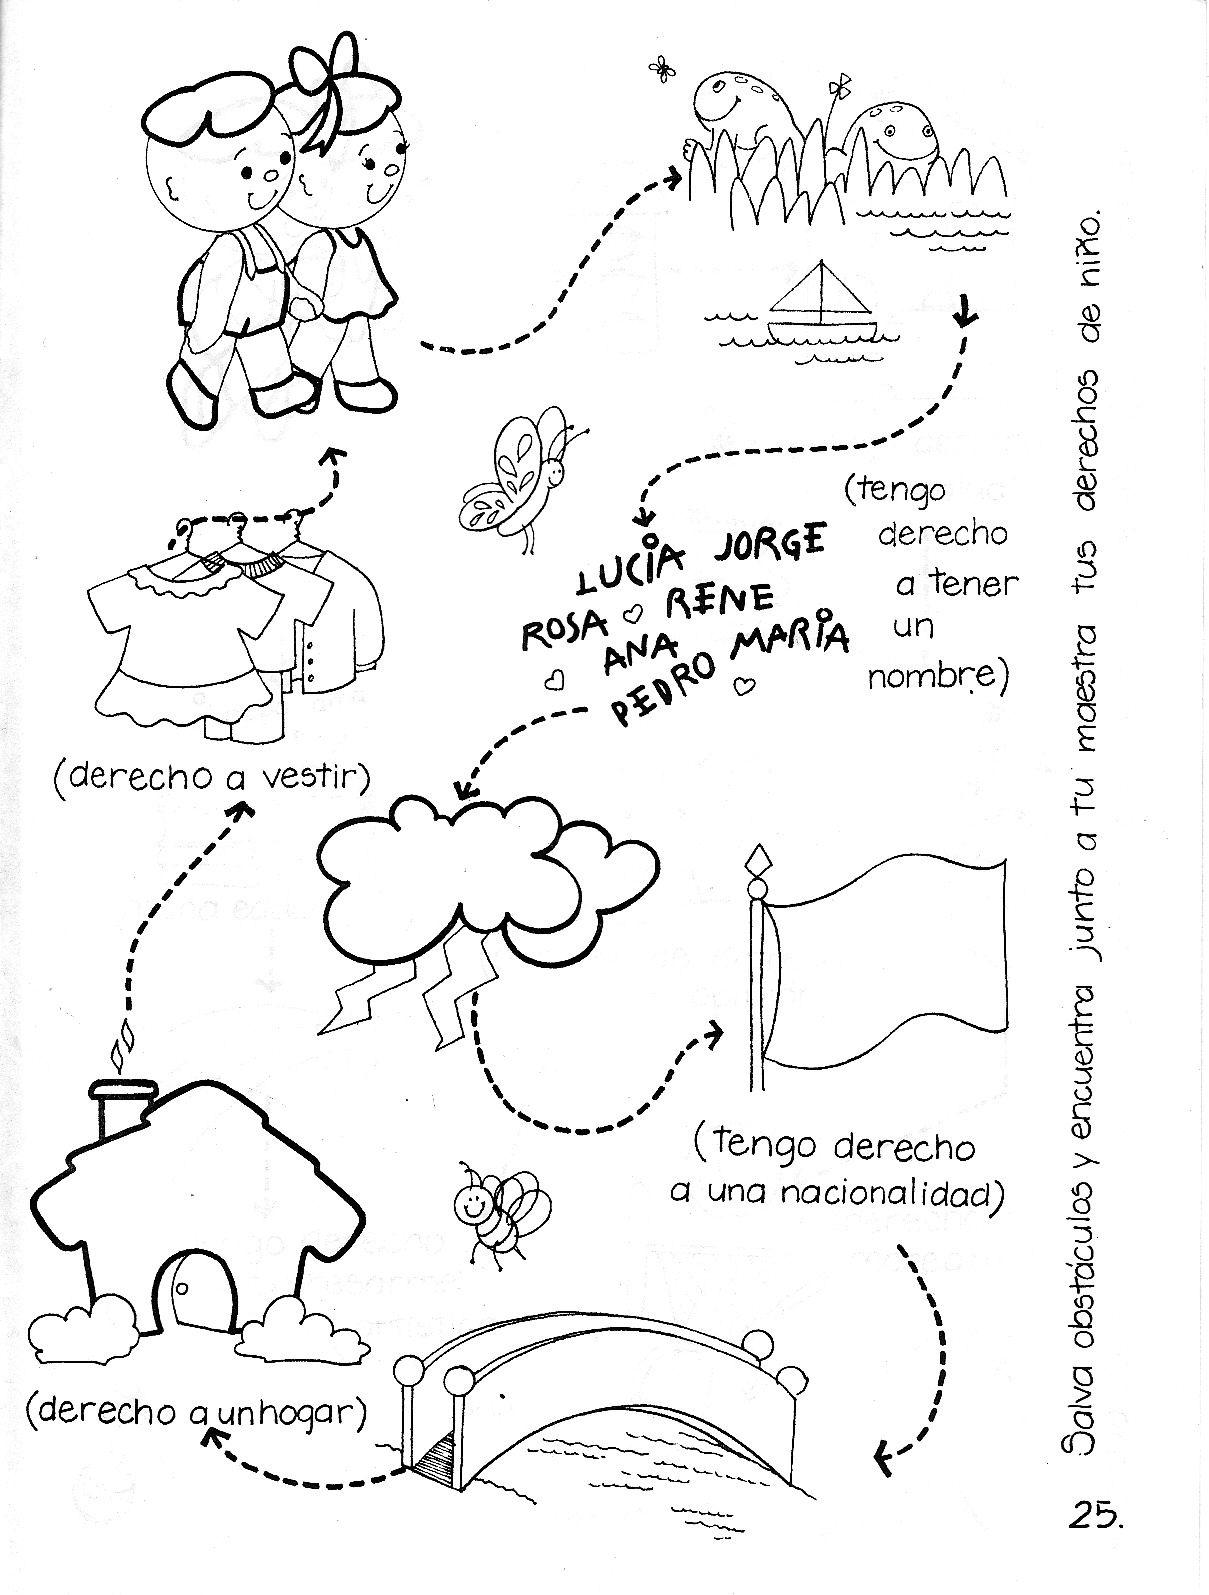 Impresionante Dibujos Colorear Infantiles De Constelaciones | Colore ...